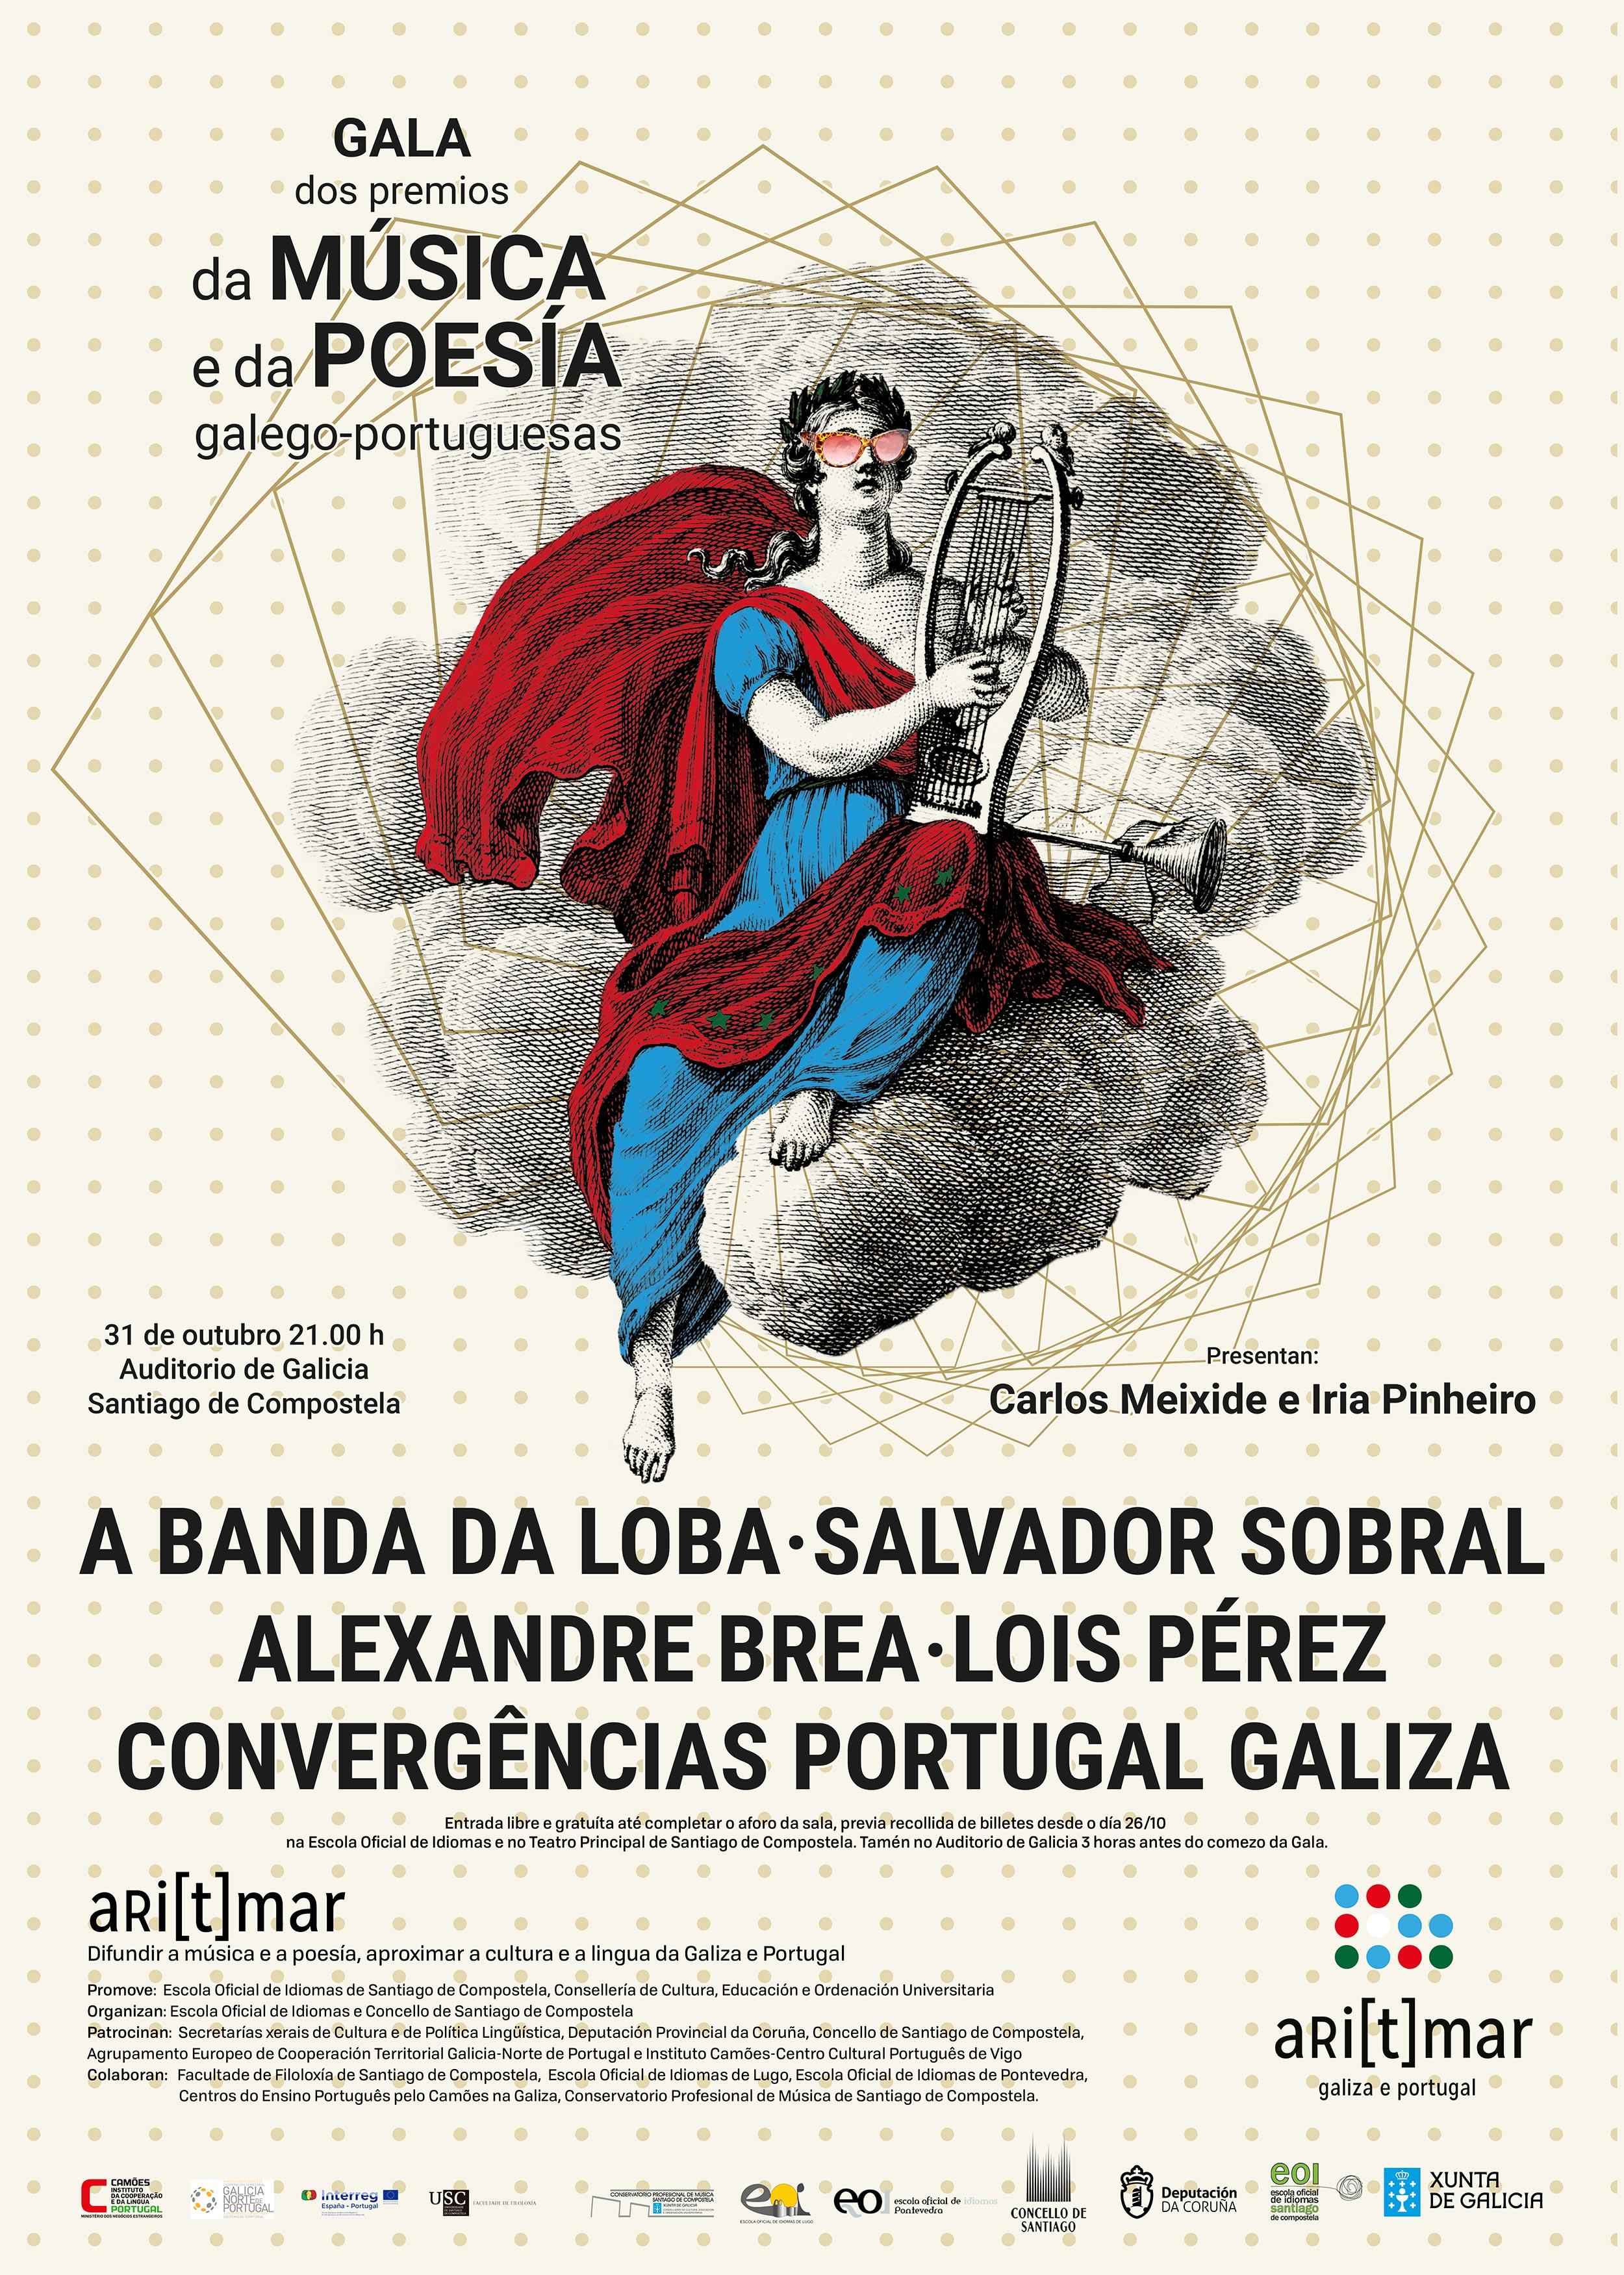 Alexandre Brea e Lois Pérez foron os poetas galardoados nos galardóns culturais galego-portugueses